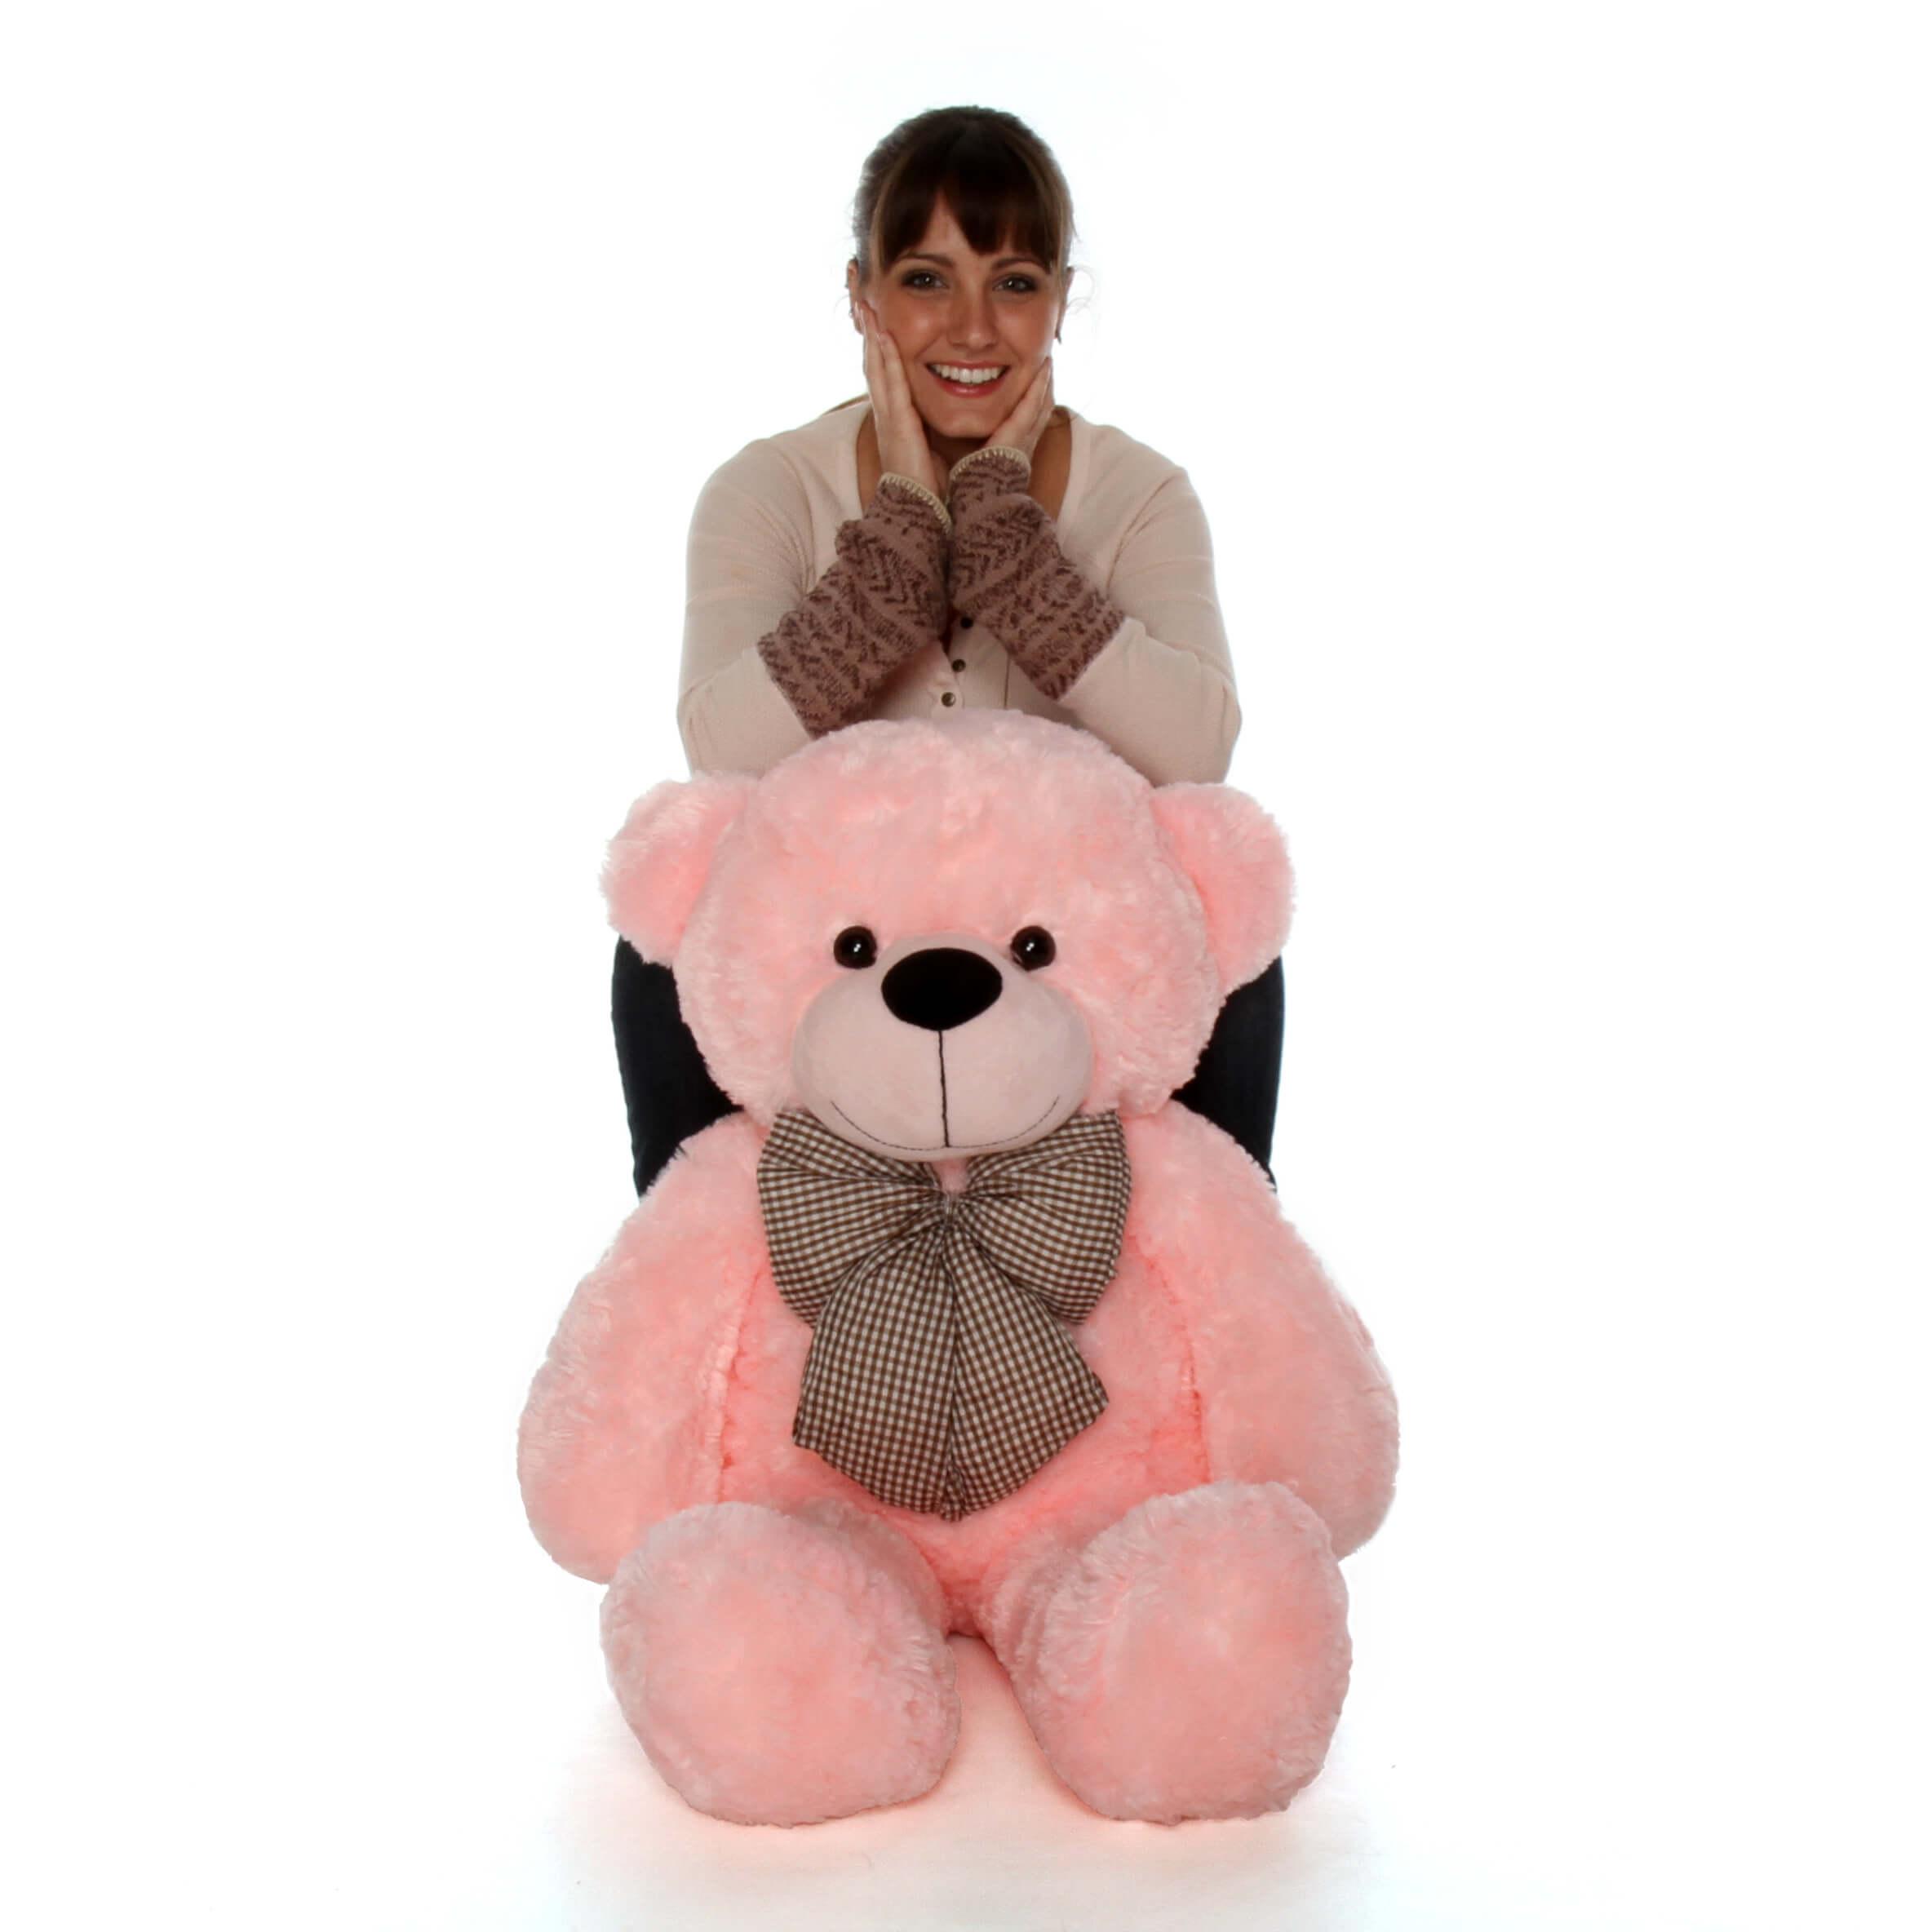 huge-pink-teddy-bear-lady-cuddles-38in-1.jpg